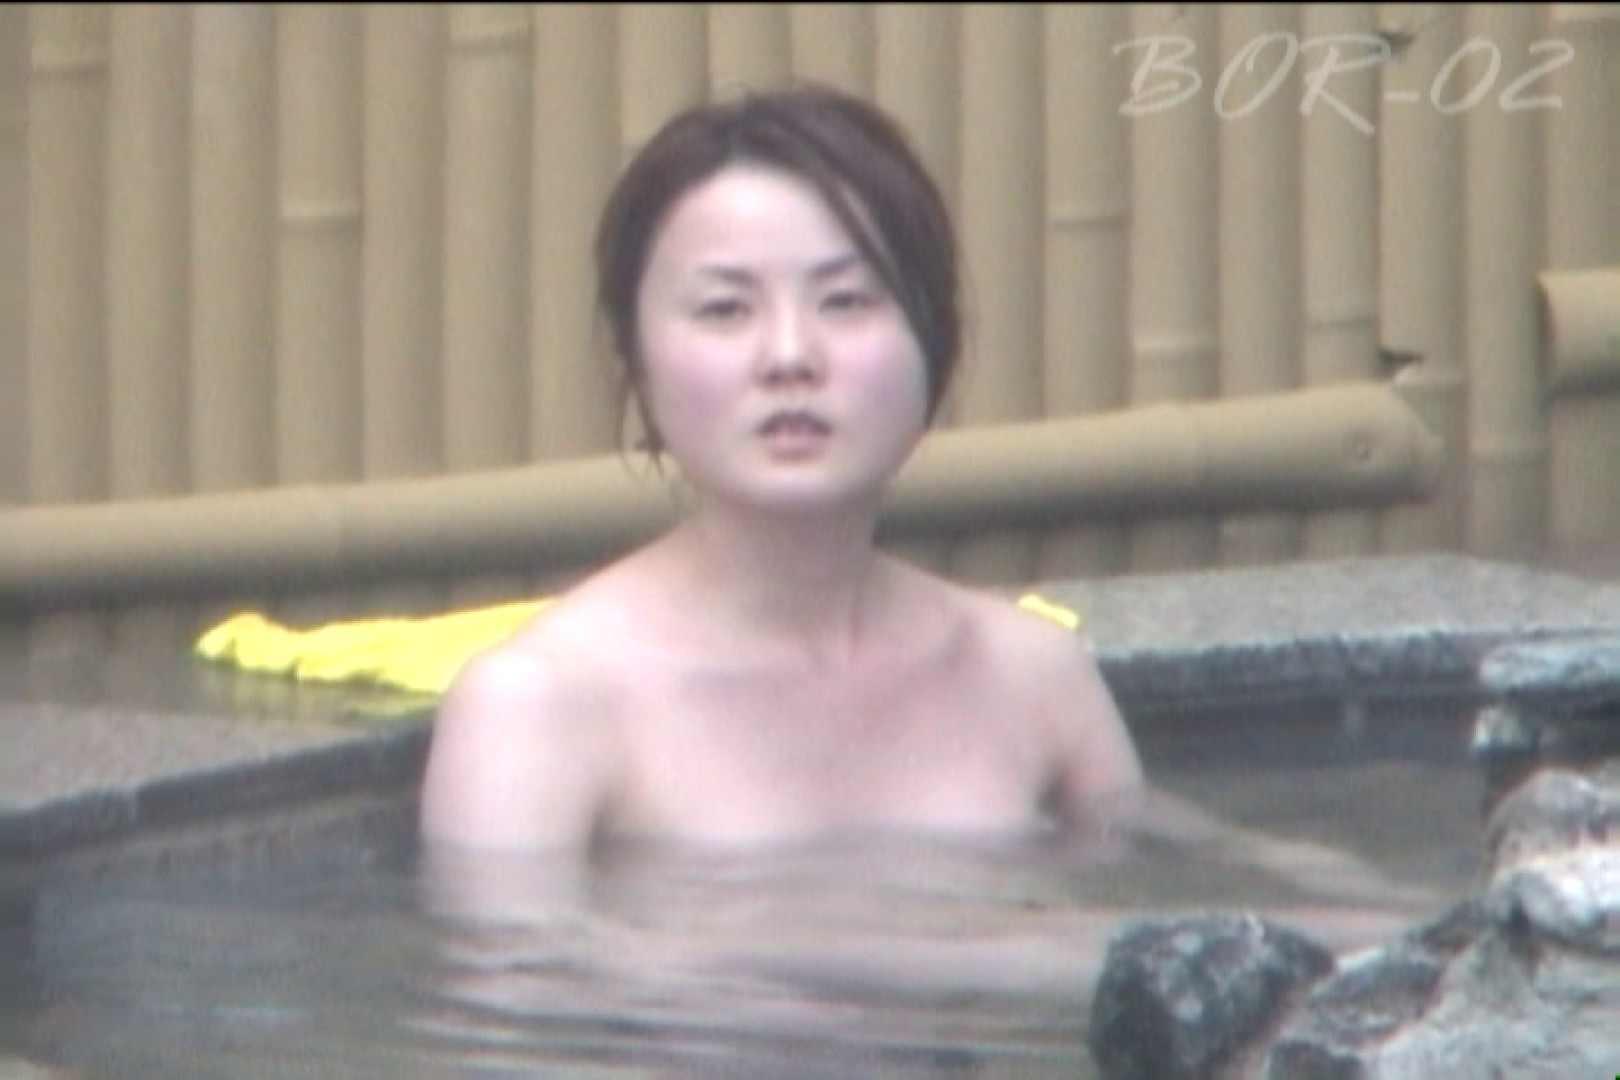 Aquaな露天風呂Vol.474 エッチな盗撮 ワレメ動画紹介 113pic 90